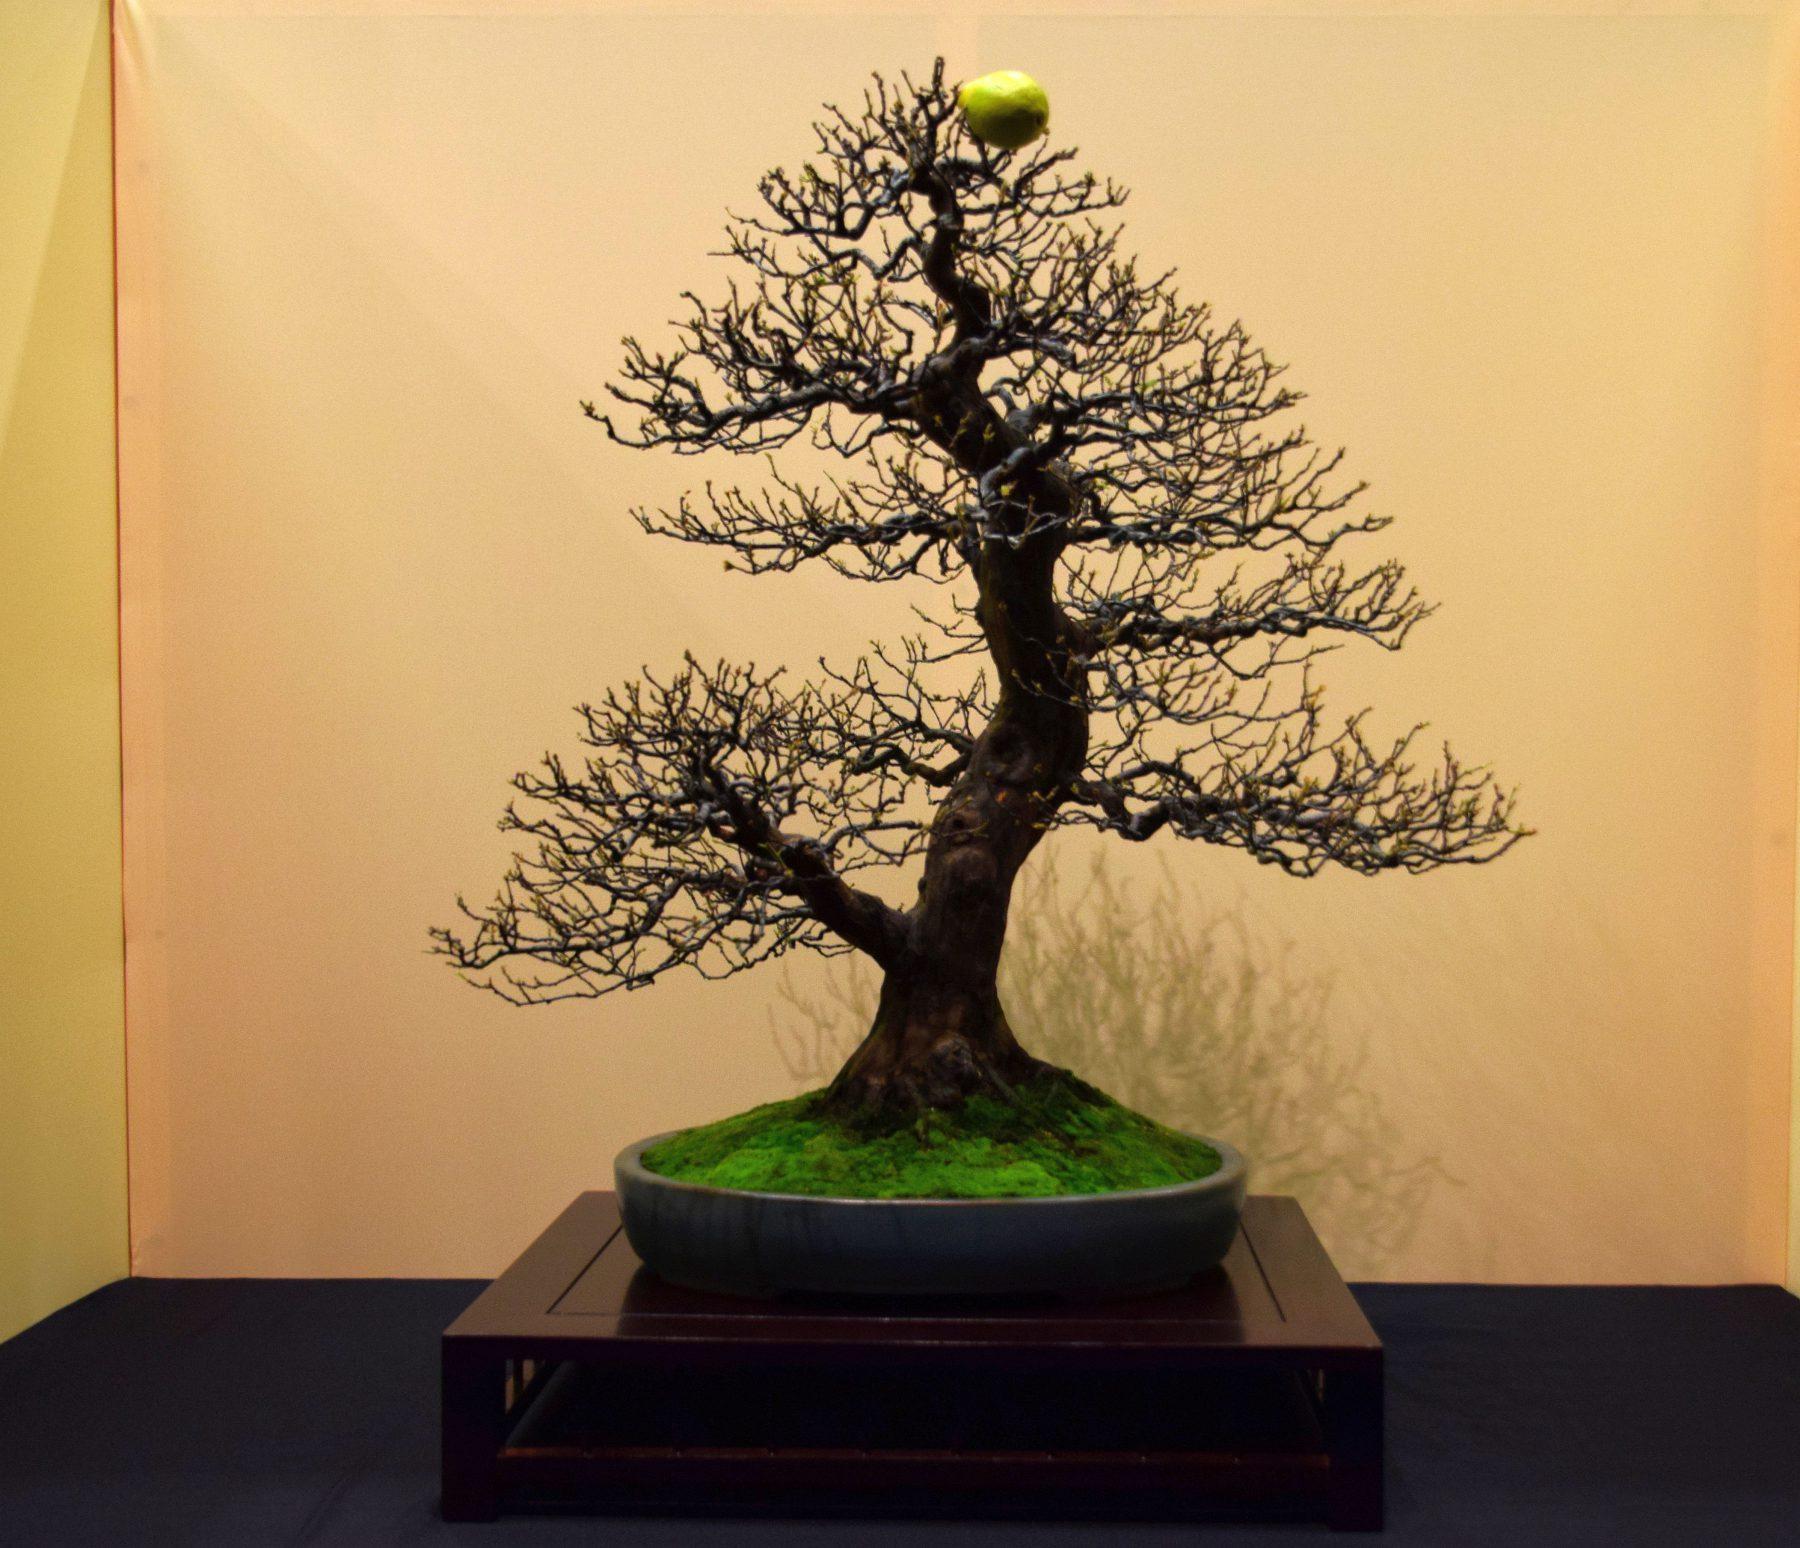 euk-bonsai-ten-2016-jp-polmans-collectie-007